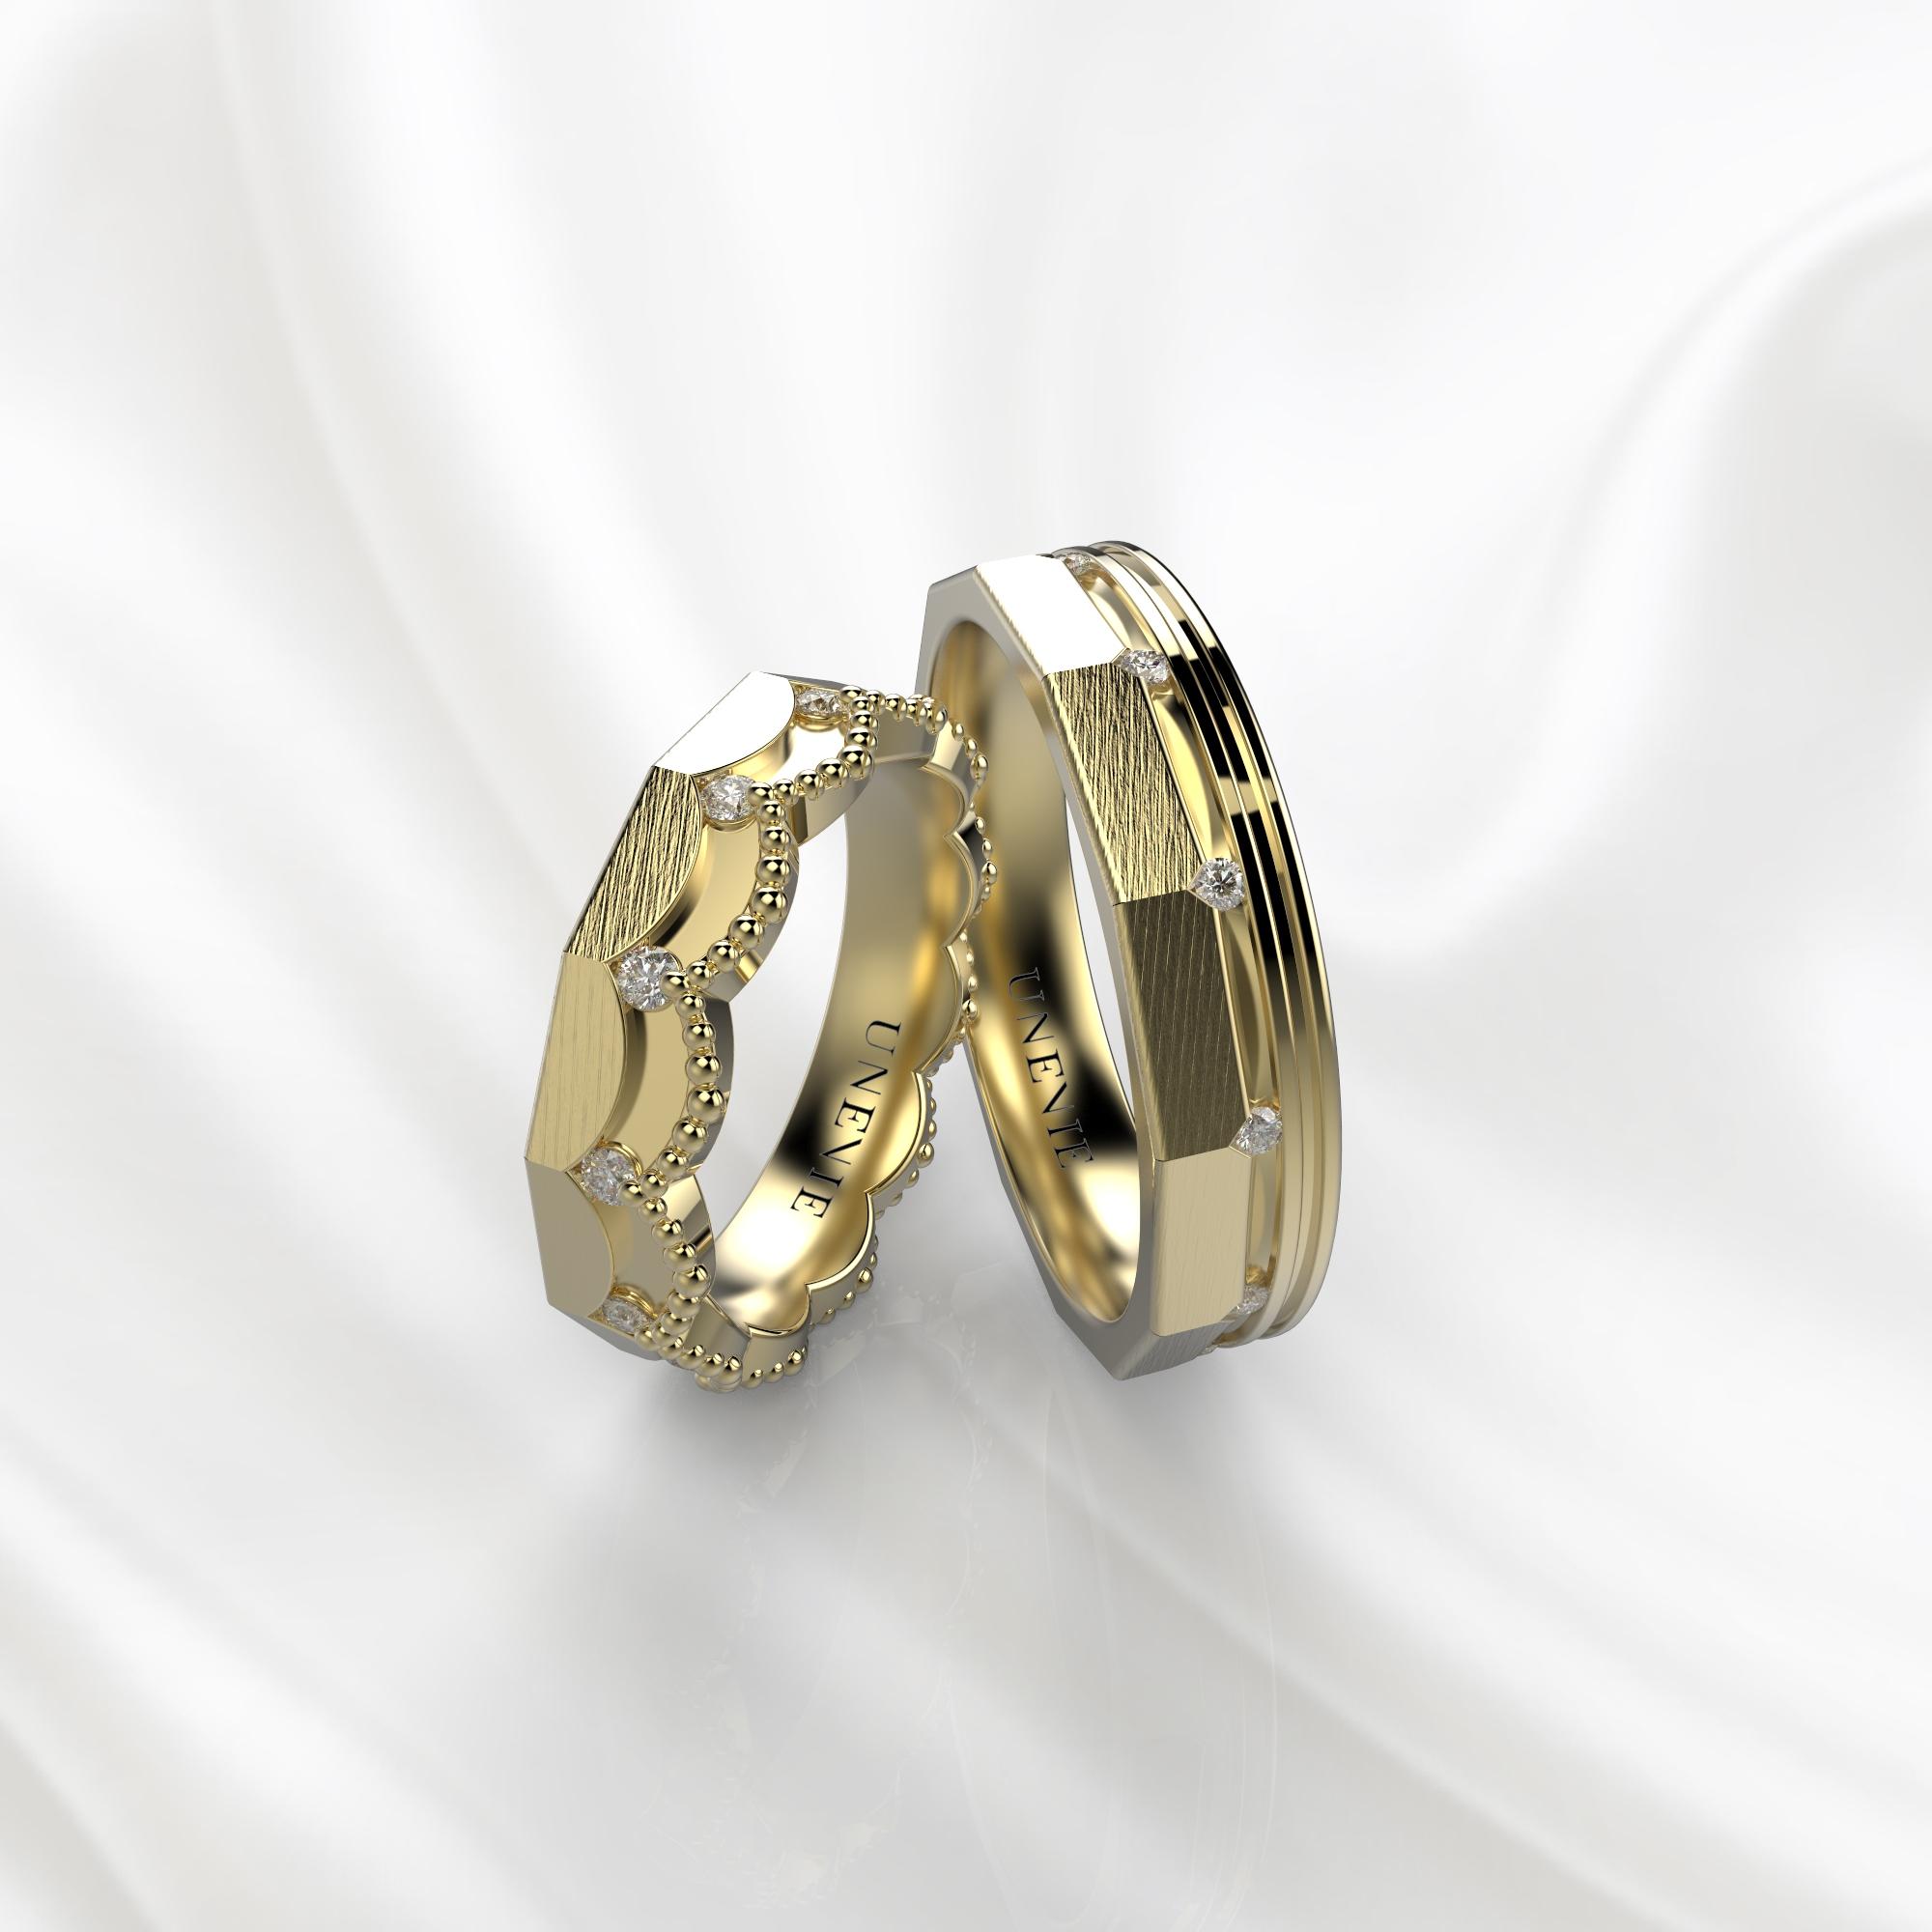 NV45 Парные обручальные кольца из желтого золота с бриллиантами